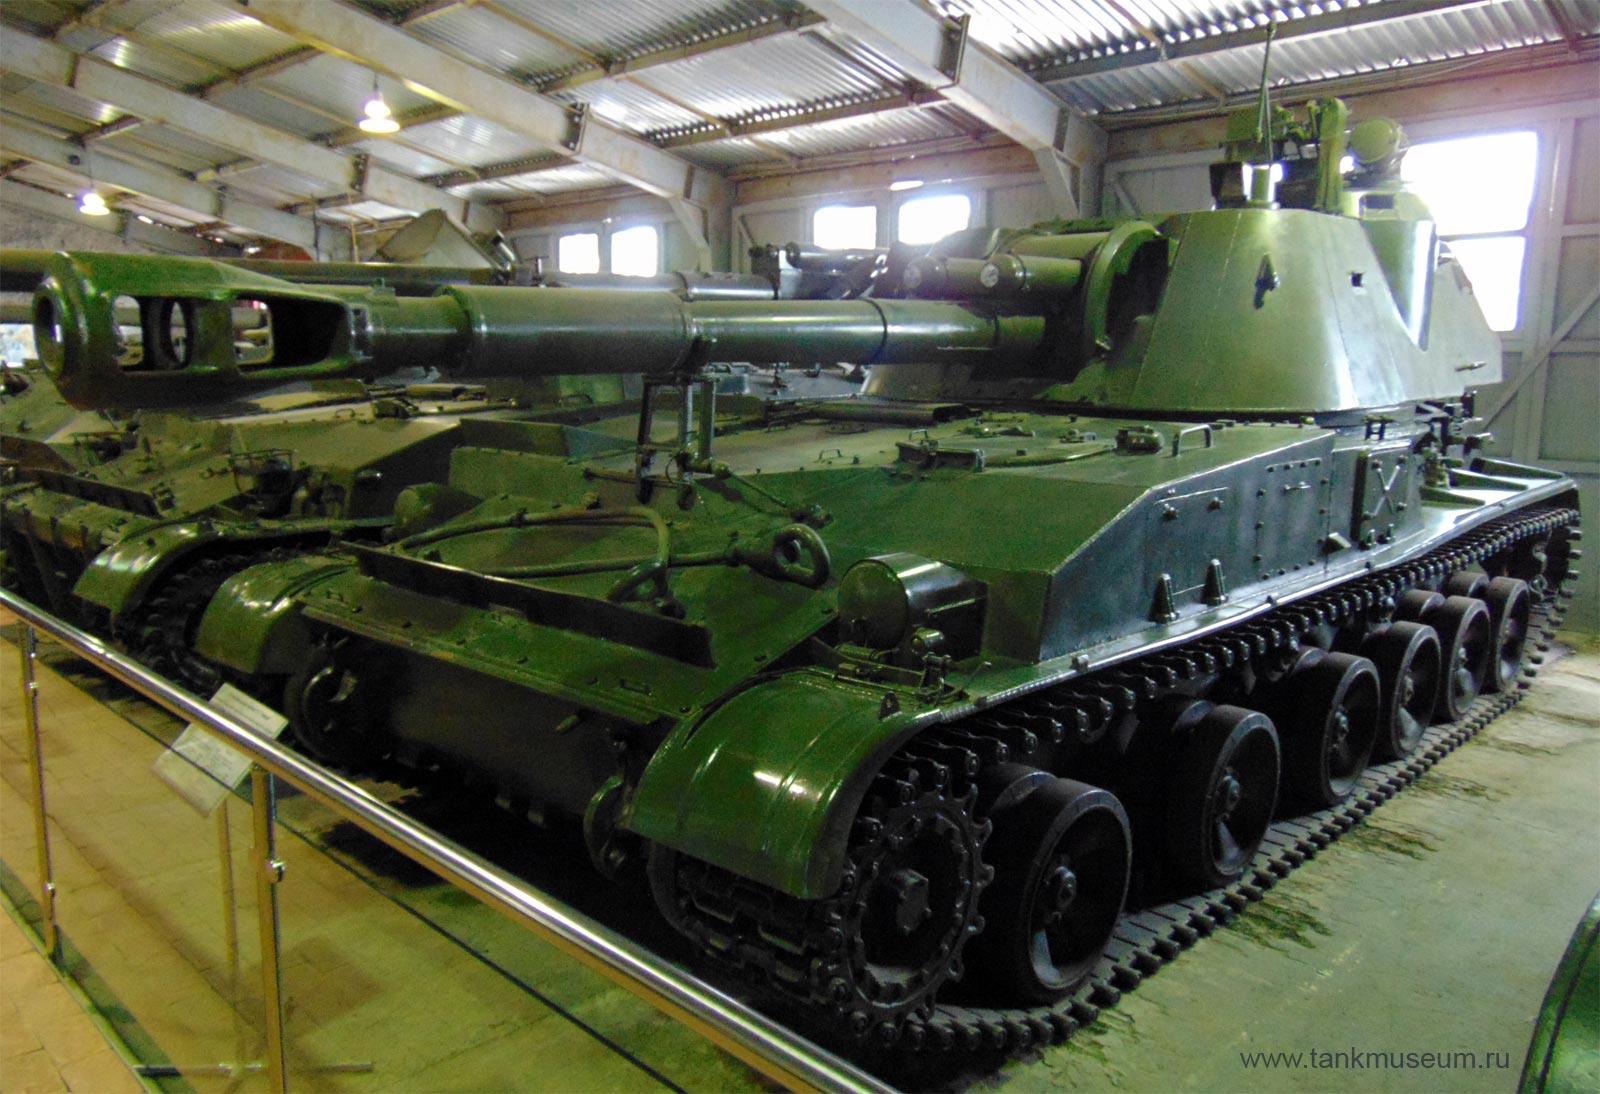 """Самоходная установка 2-С3 """"Акация"""", танковый музей Кубинка"""